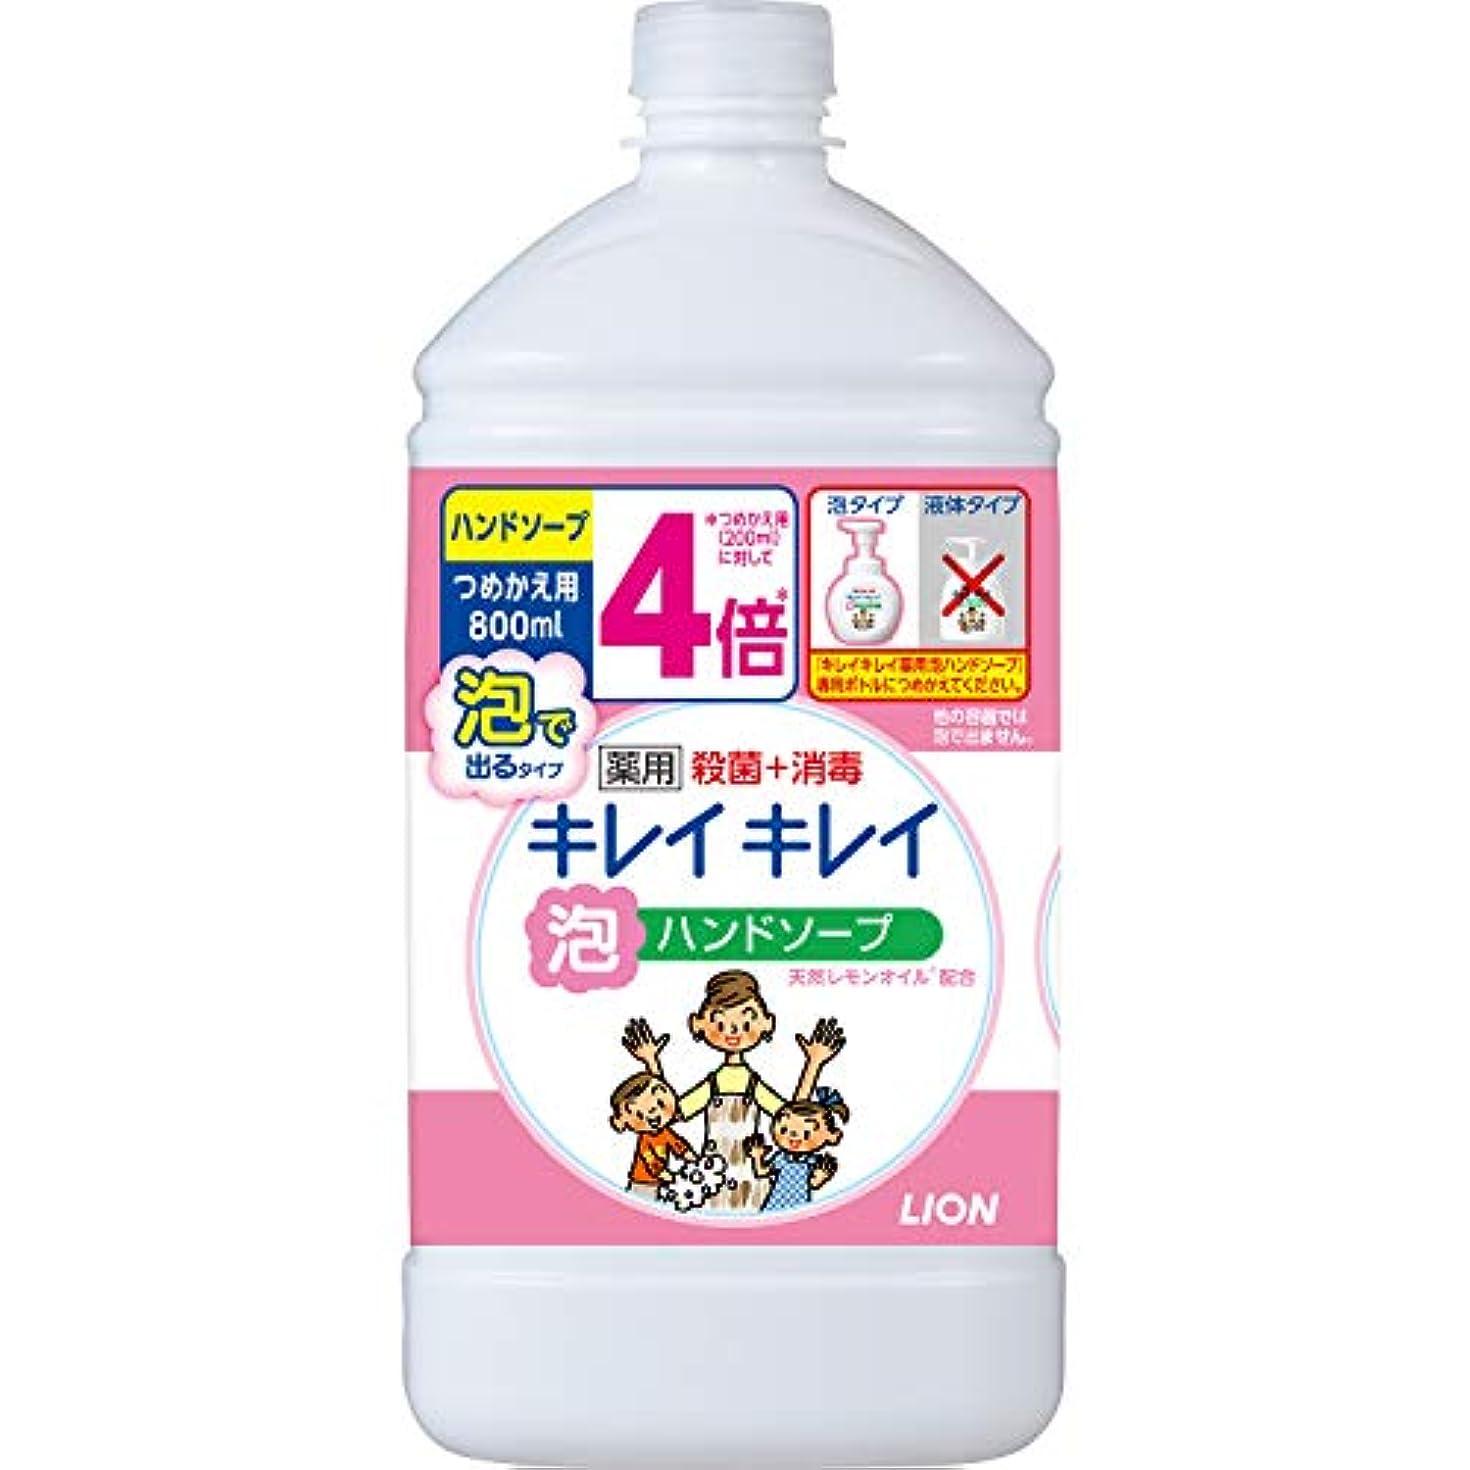 公式トチの実の木消毒剤(医薬部外品)【大容量】キレイキレイ 薬用 泡ハンドソープ シトラスフルーティの香り 詰替特大 800ml